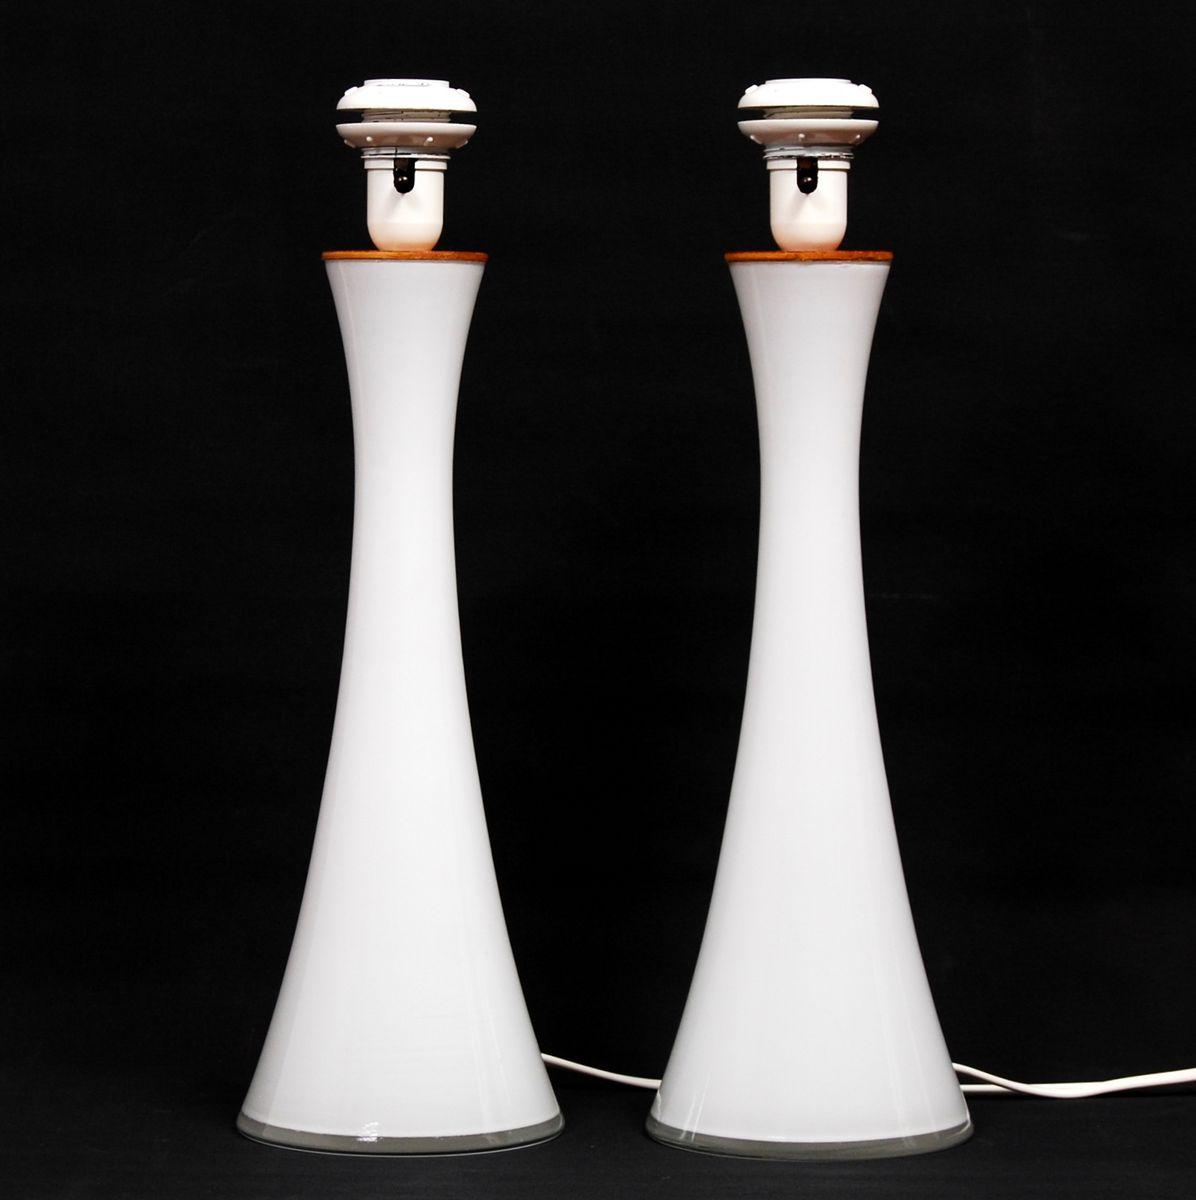 Vintage tischlampen aus opalglas von berndt nordstedt f r for Tischlampen vintage